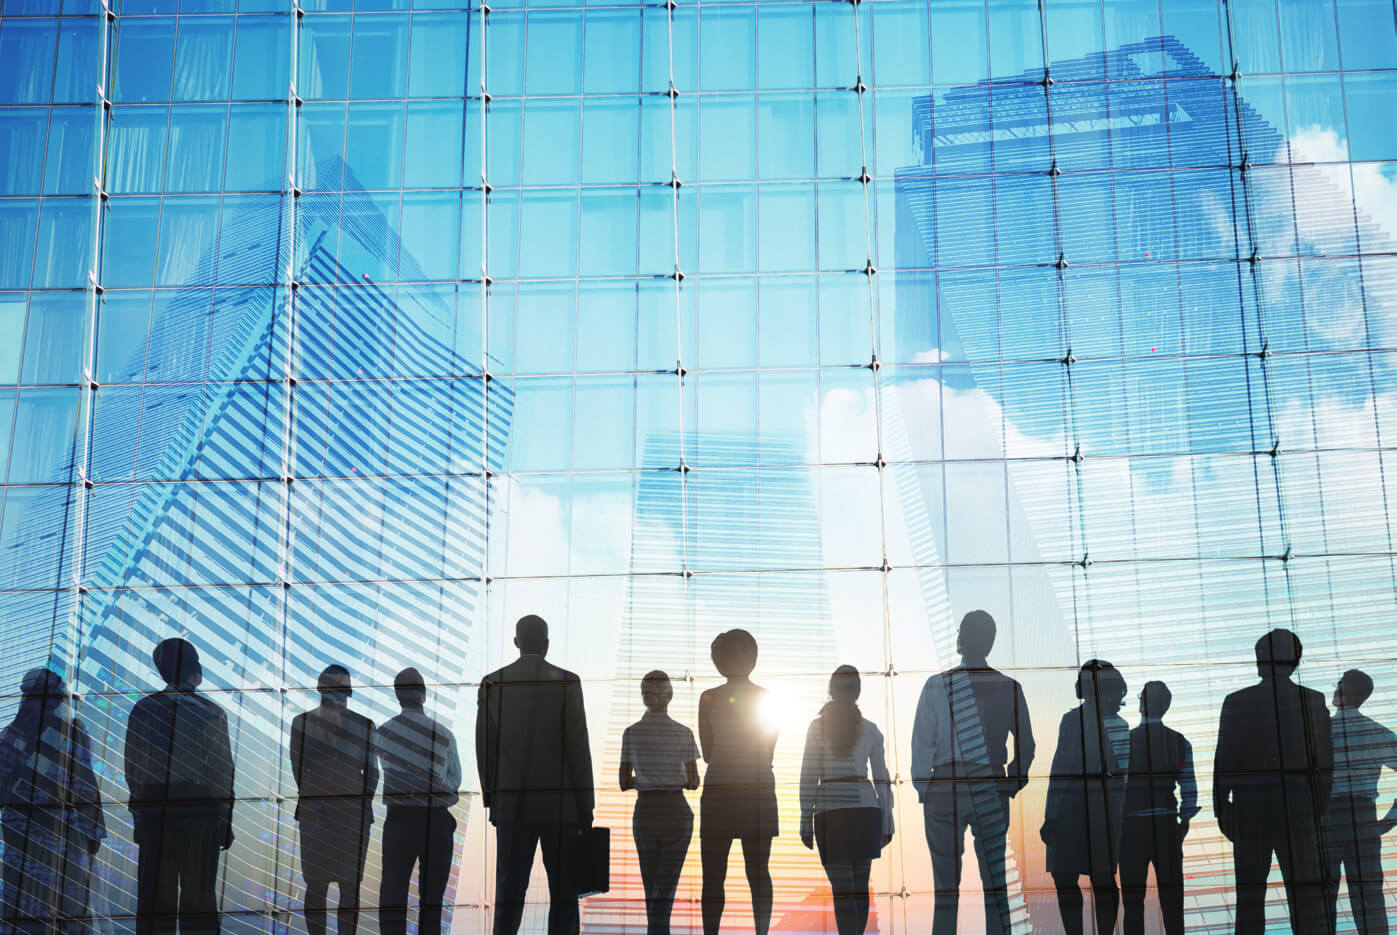 最強のデータ経営:長期的な成長とビジョンの達成に向けたプロセスと指標を整理する